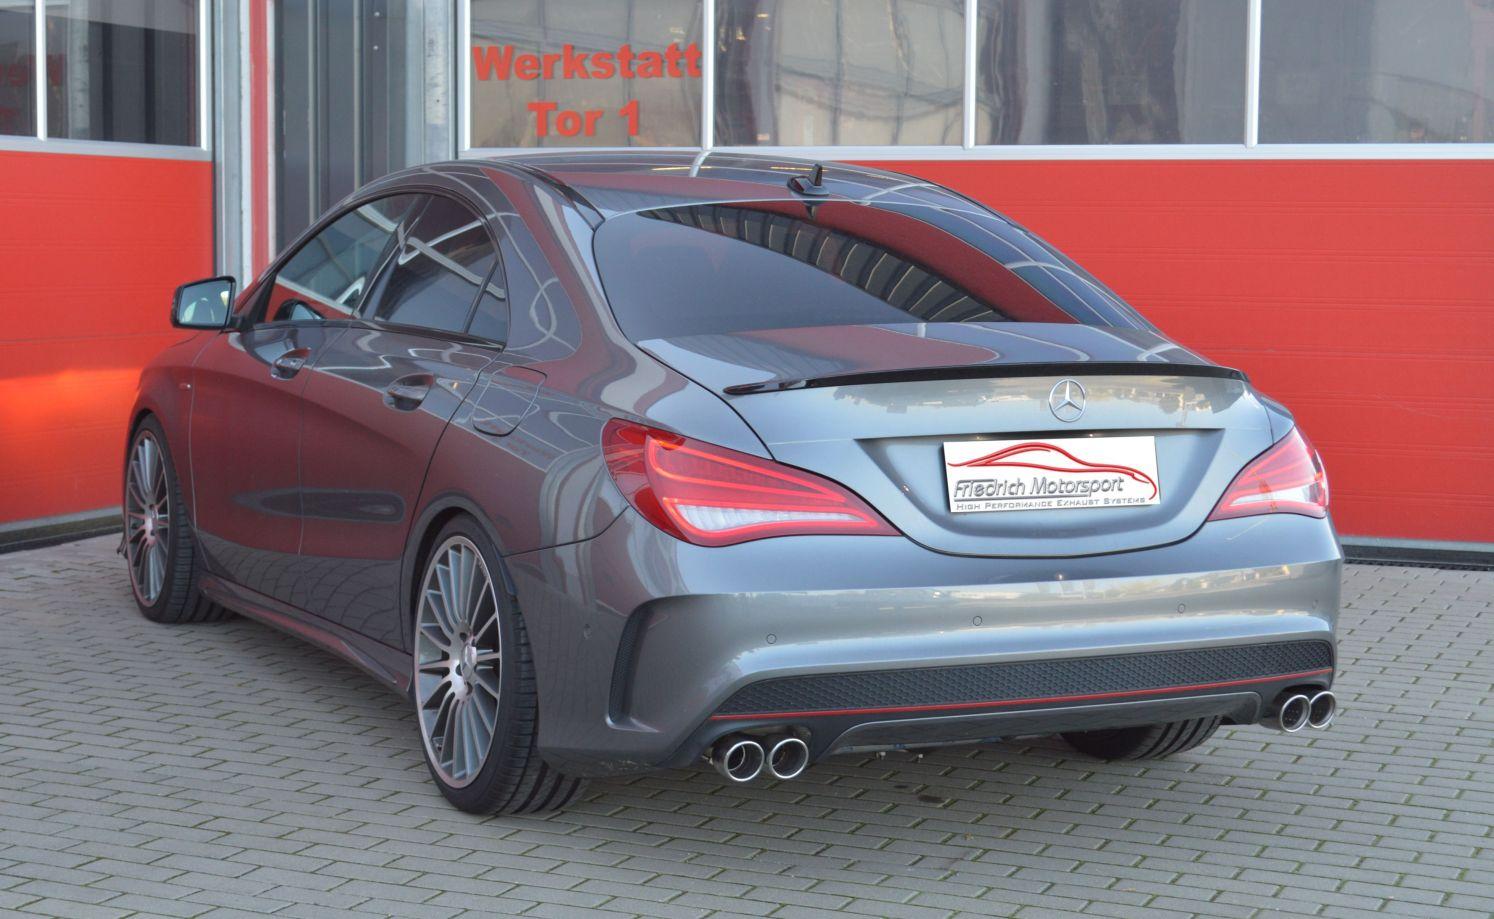 Friedrich Motorsport 76mm Duplex Sportauspuff Anlage Mercedes C117 CLA Coupe